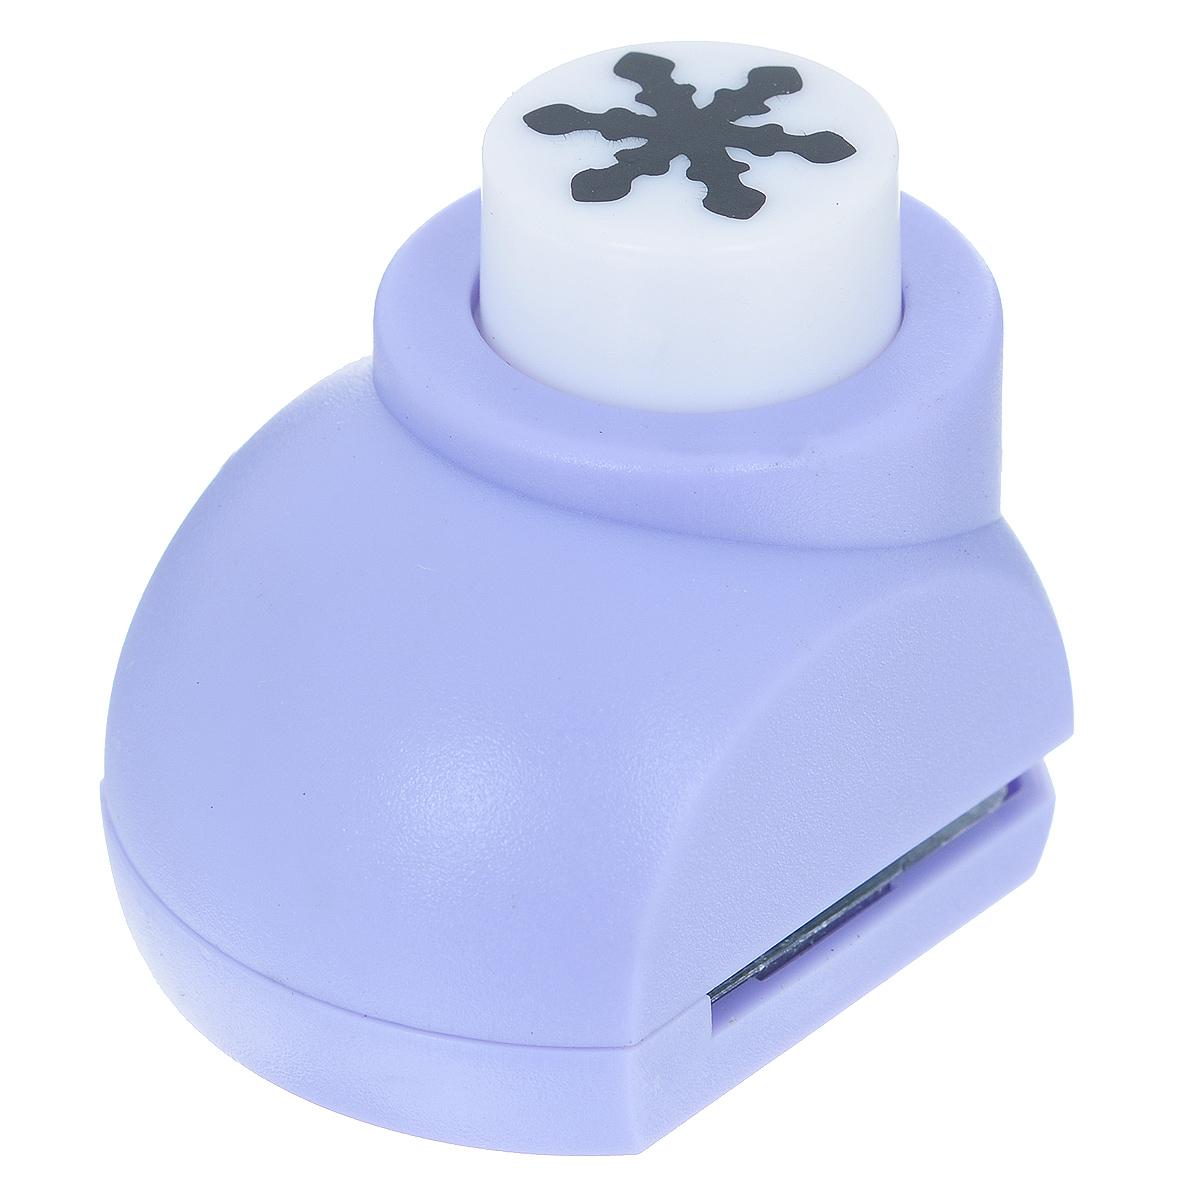 Дырокол фигурный Астра Снежинка. JF-8227709604_203Дырокол Астра Снежинка поможет вам легко, просто и аккуратно вырезать много одинаковых мелких фигурок.Режущие части компостера закрыты пластмассовым корпусом, что обеспечивает безопасность для детей. Можно использовать вырезанные мотивы как конфетти или для наклеивания. Дырокол подходит для разных техник: декупажа, скрапбукинга, декорирования.Размер дырокола: 4 см х 3 см х 4 см. Диаметр вырезанной фигурки: 1,3 см.